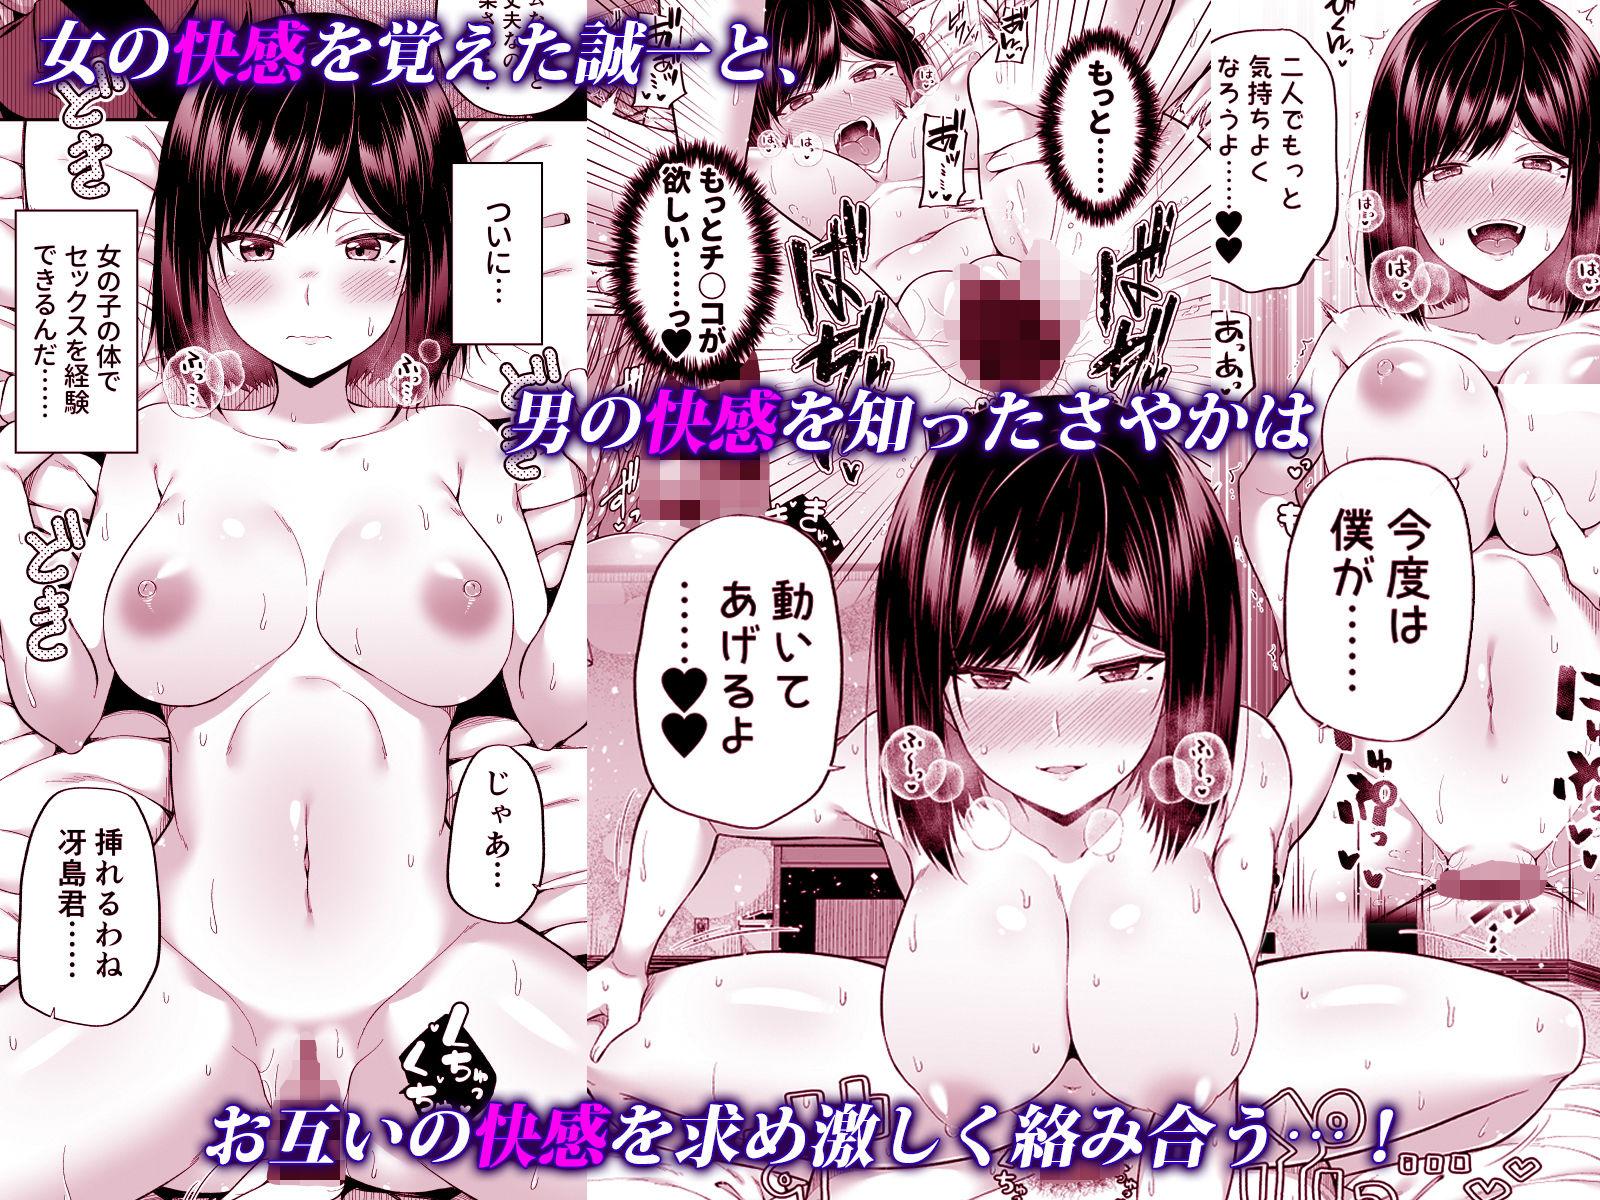 d_160694jp-004 JKの身体と入れ替わってハメ放題♪女のセックスって気持ちいいんだな〜【エロ漫画:私の体、お貸しします。:ふじ家】